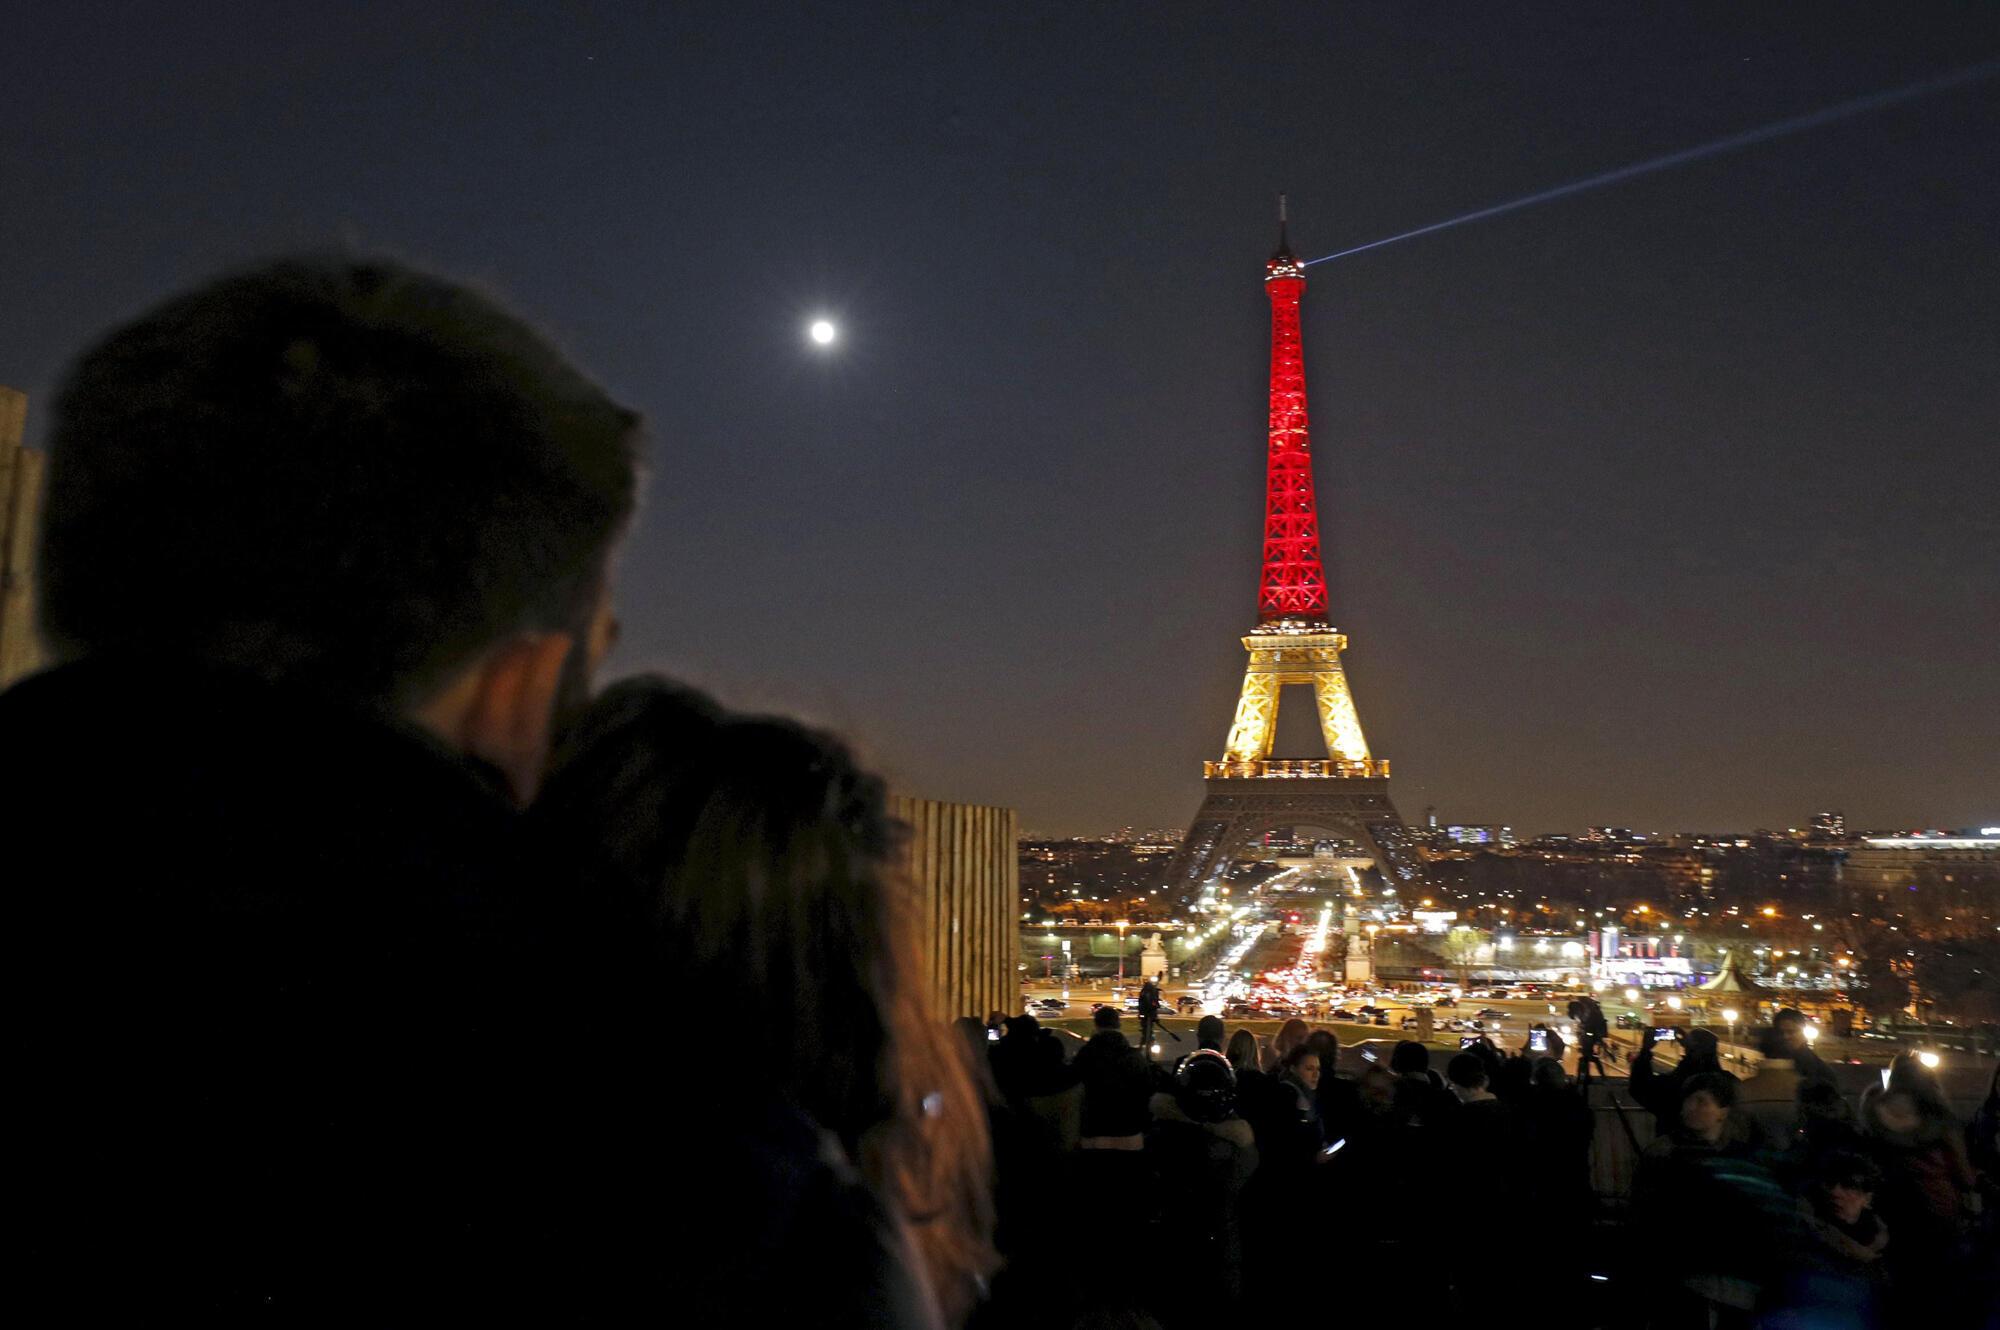 Tháp Eiffel chuyển sang mầu cờ Bỉ để tưởng niệm nạn nhân khủng bố ở Bruxelles ngày 22/03/2016.